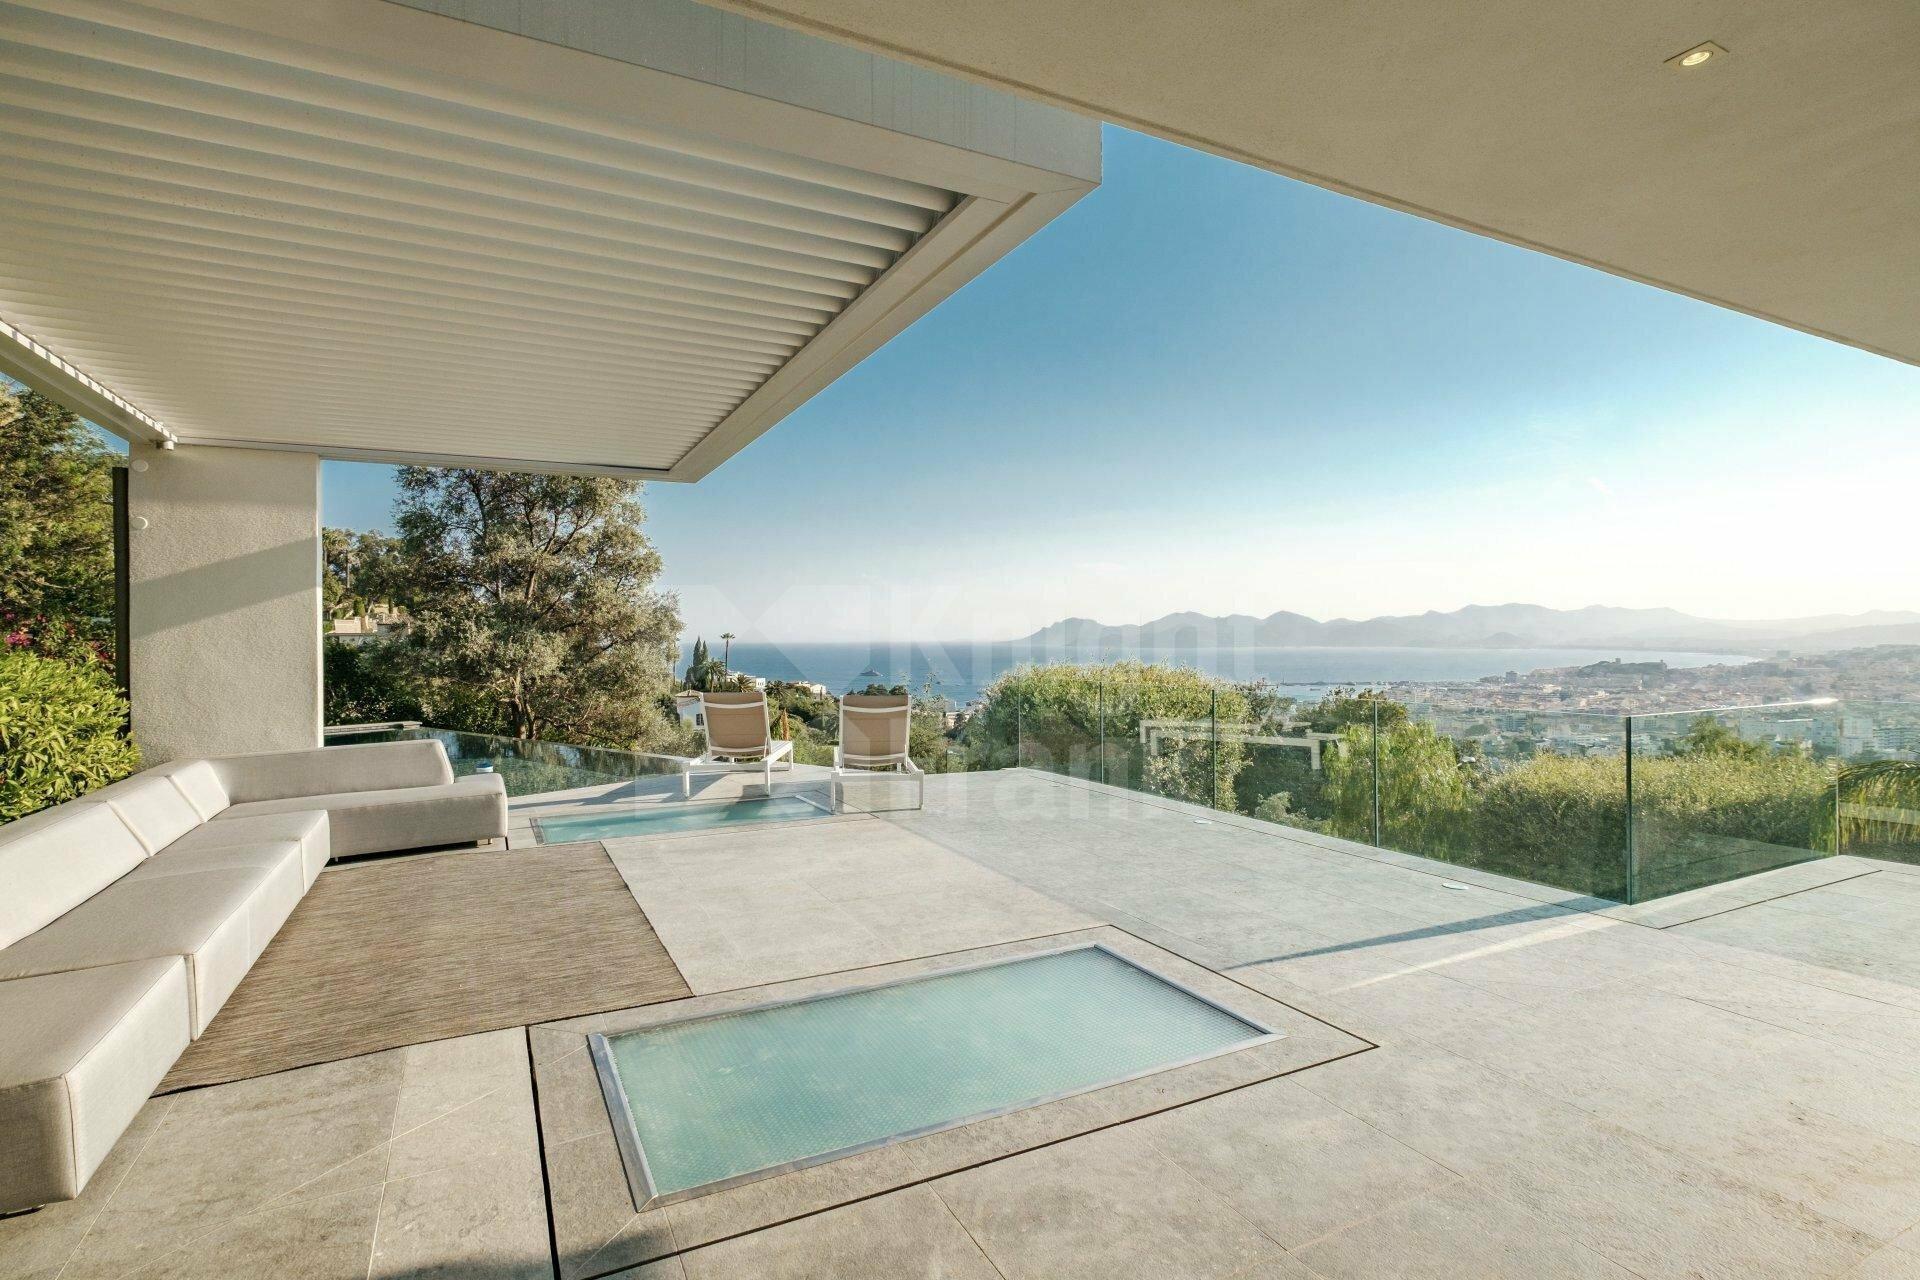 Villa in Cannes, Provence-Alpes-Côte d'Azur, France 1 - 11256498